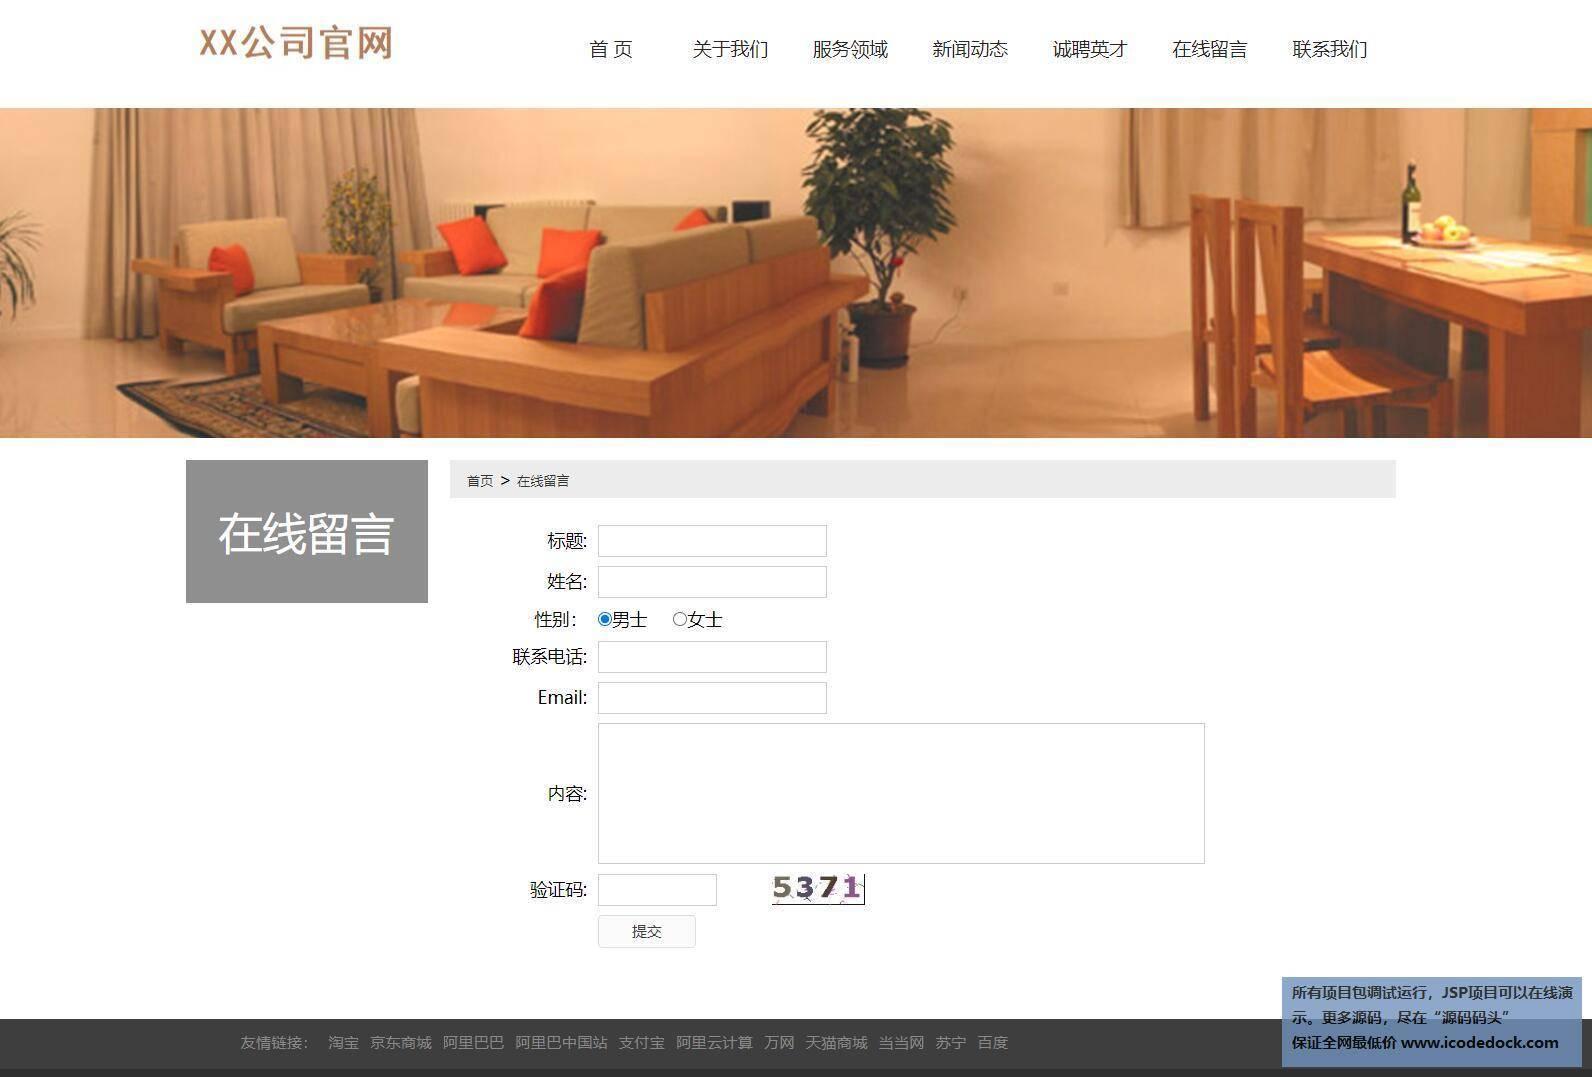 源码码头-SSM企业门户网站-用户角色-在线留言